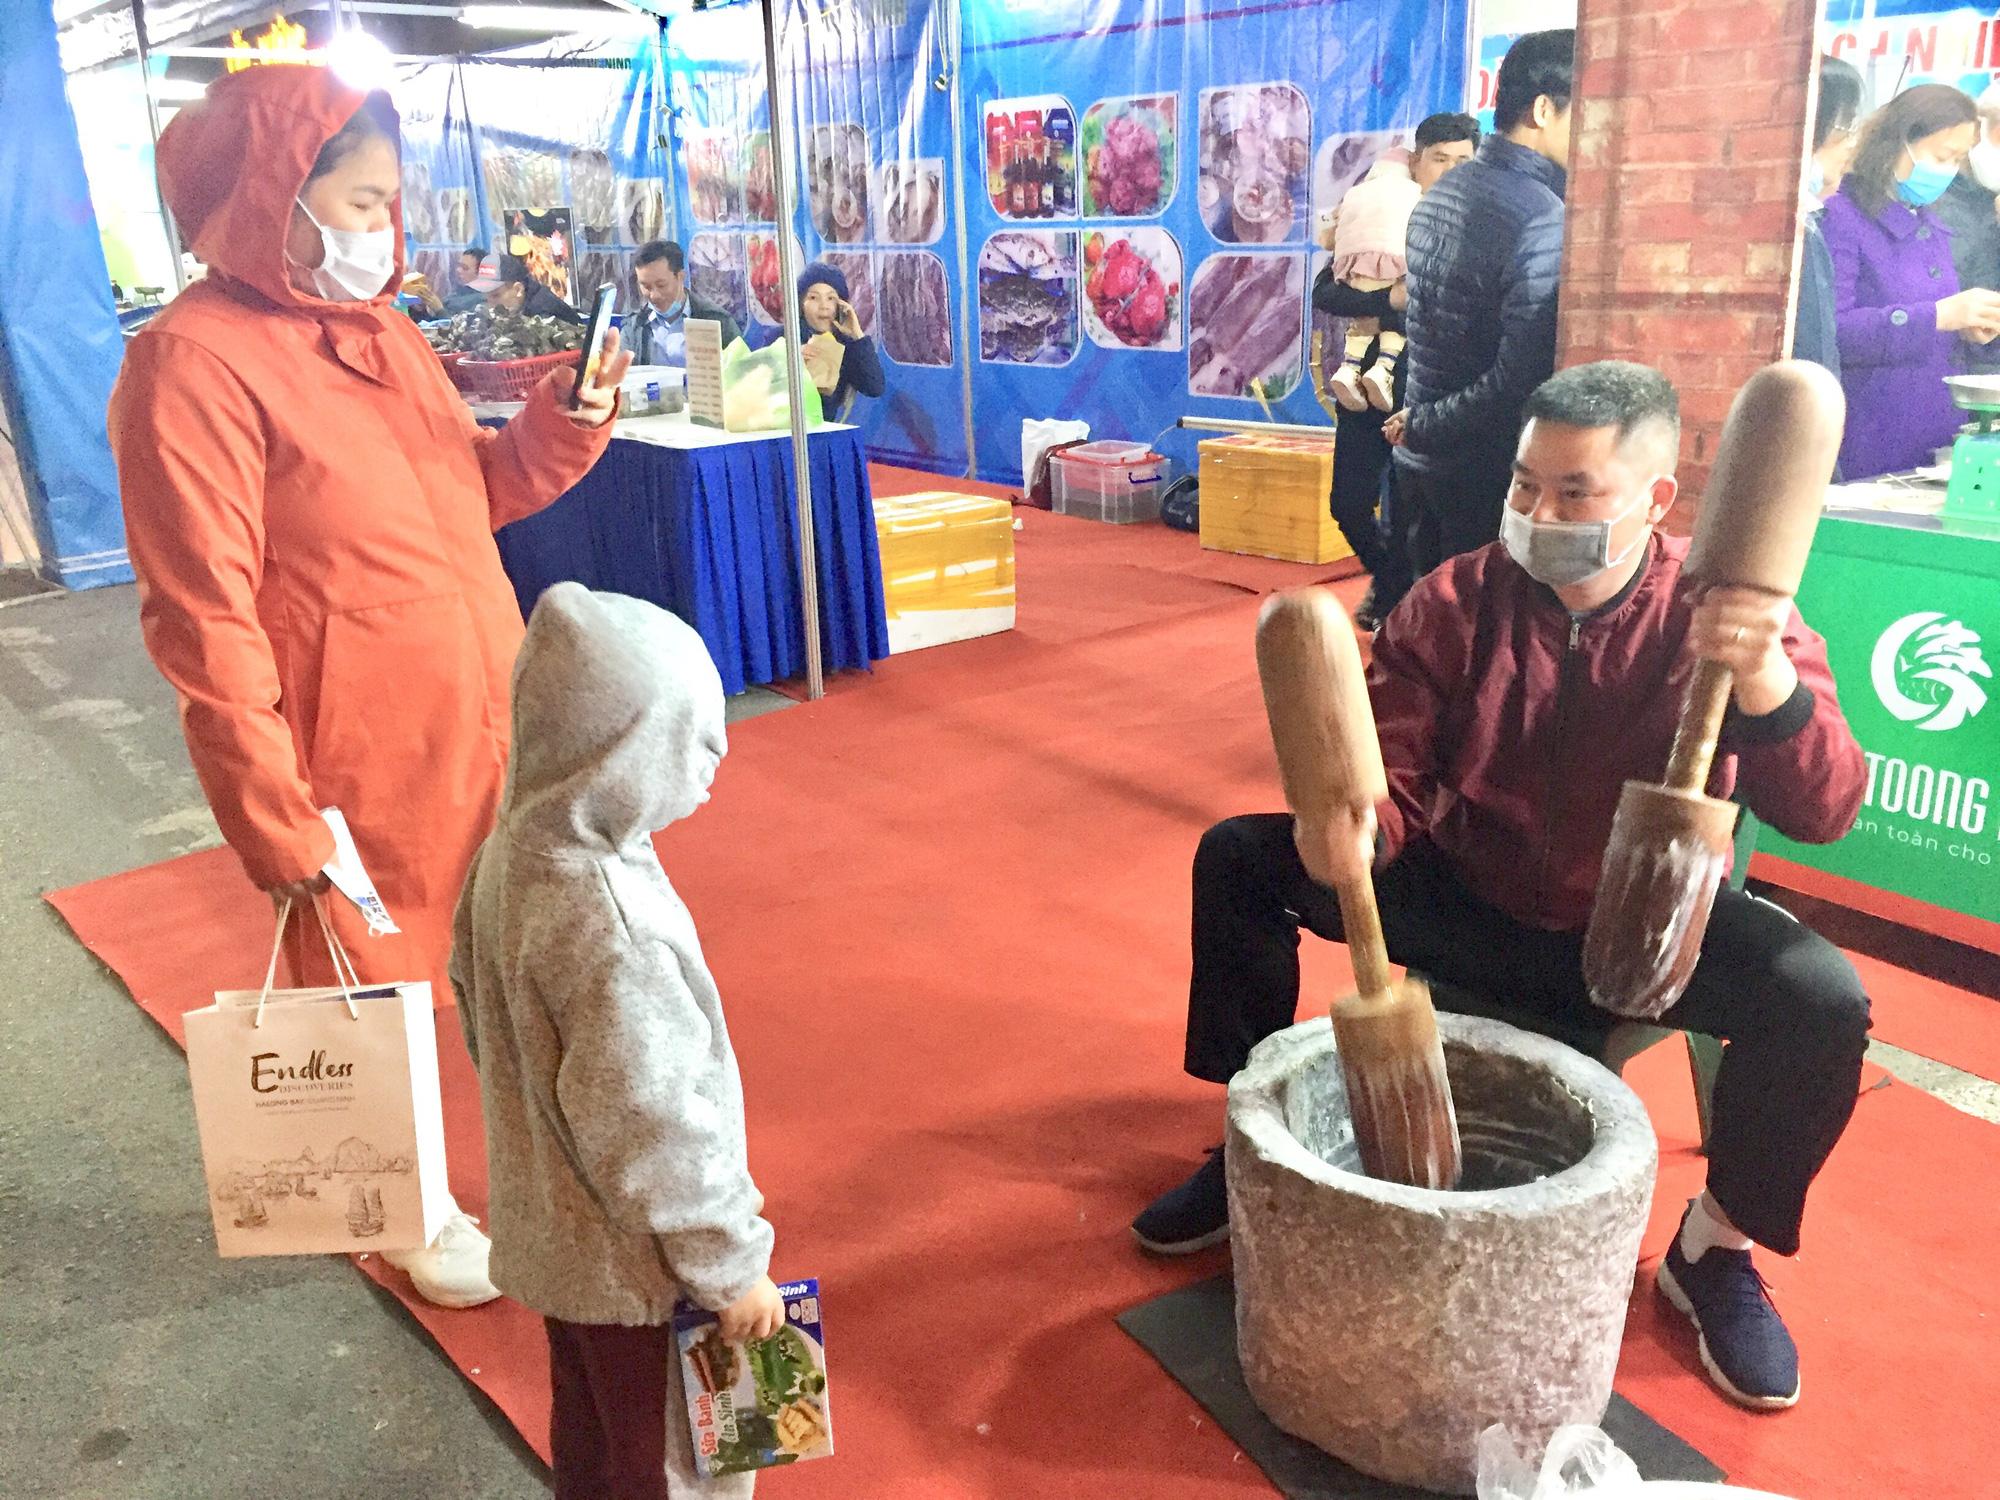 Hàng trăm đặc sản Quảng Ninh bày bán ở Hà Nội, có nước mắm sá sùng- nước mắm của loại hải sản đắt như vàng - Ảnh 5.